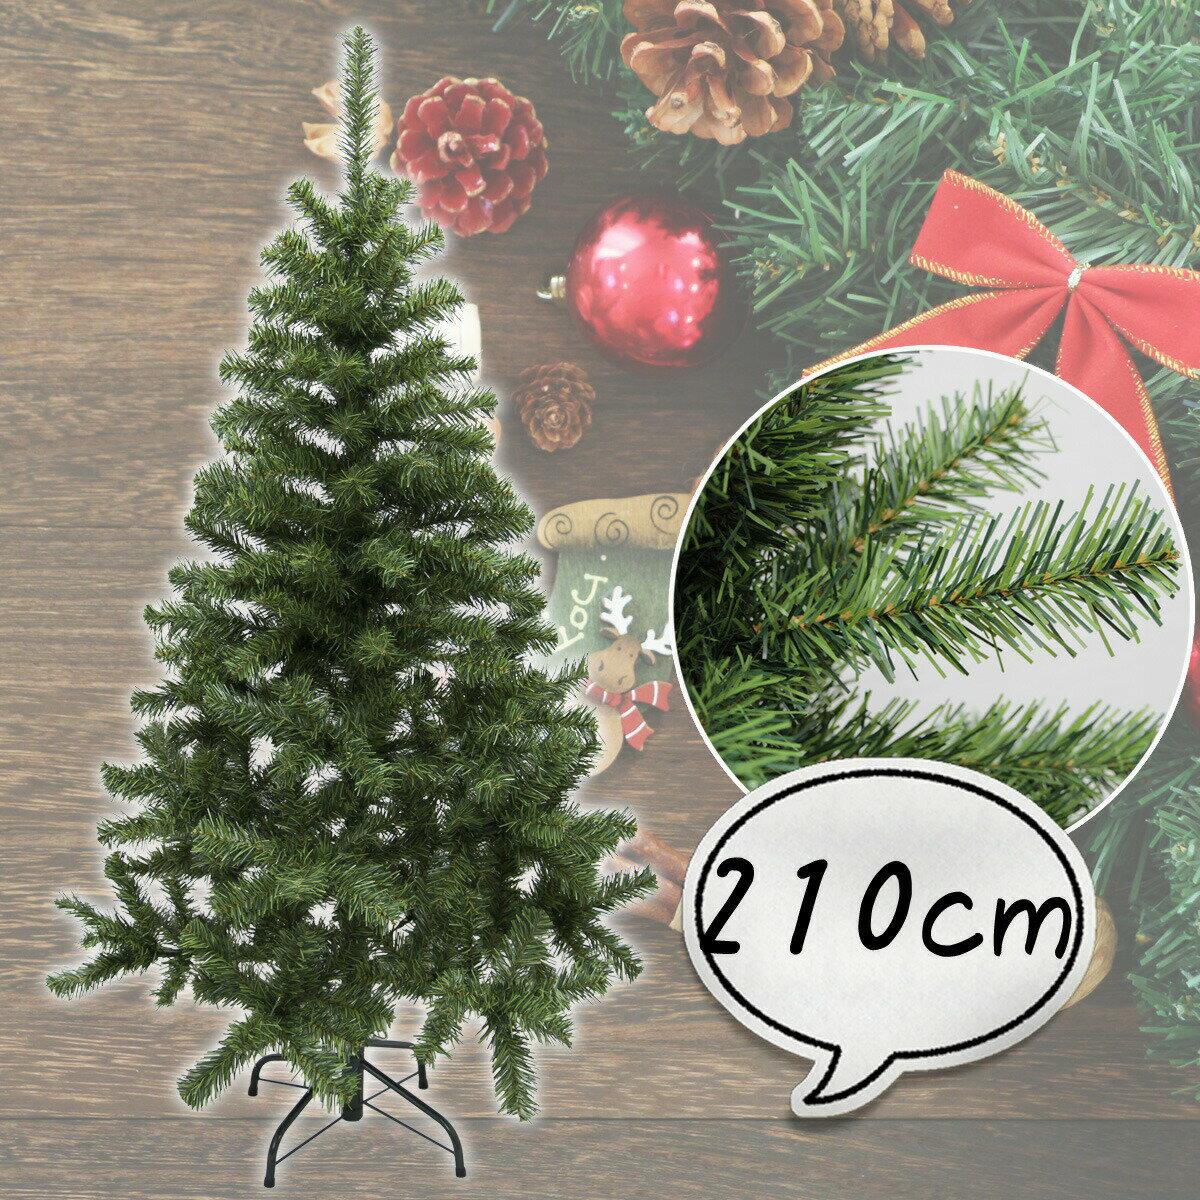 クリスマスツリー 210cm [ツリー 木 単品 ] フランクヒルズツリー 北欧 おしゃれの写真